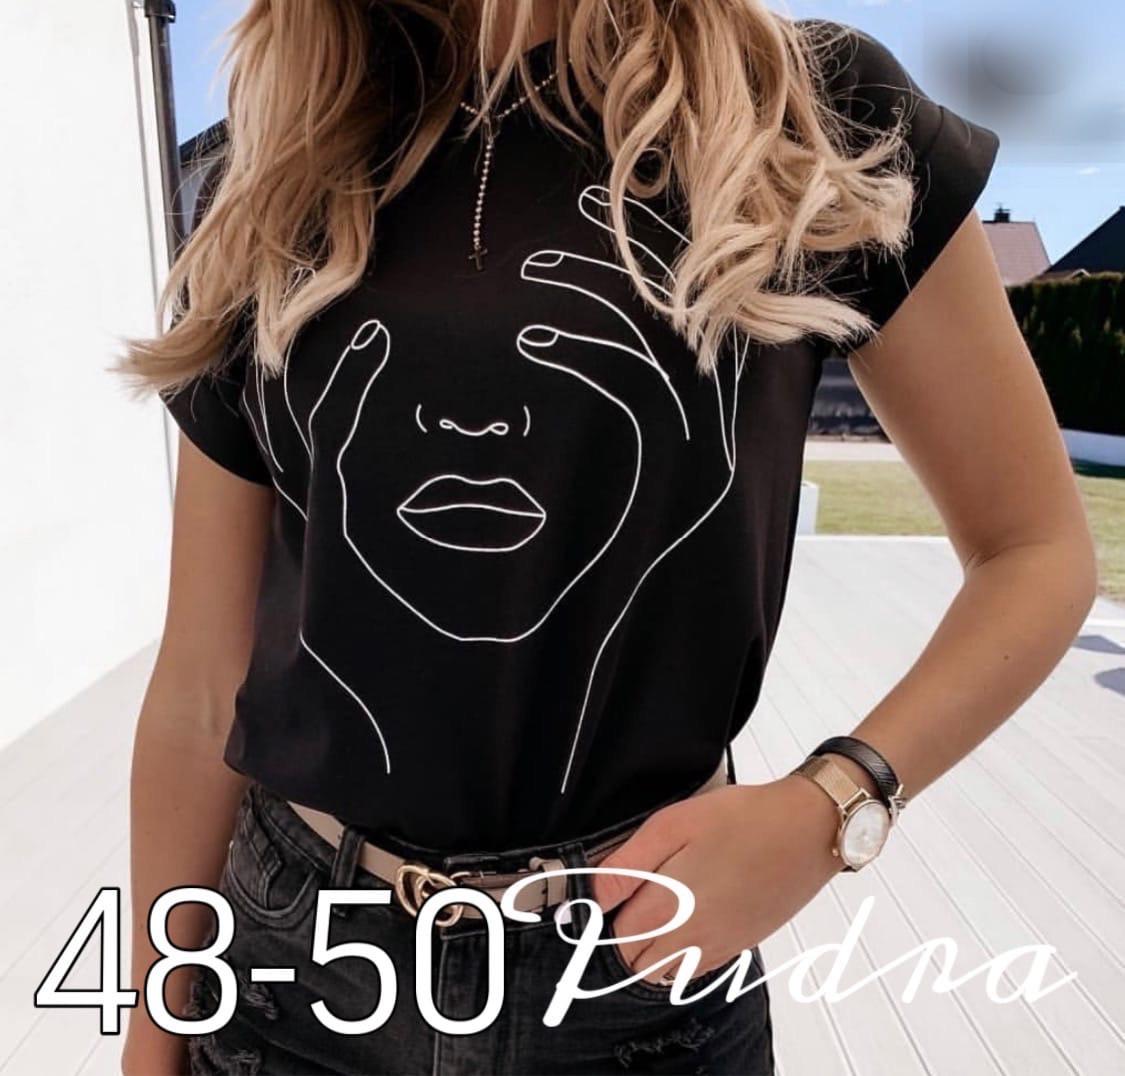 Женская футболка батал, х/б, р-р универсальный 48-50 (чёрный)